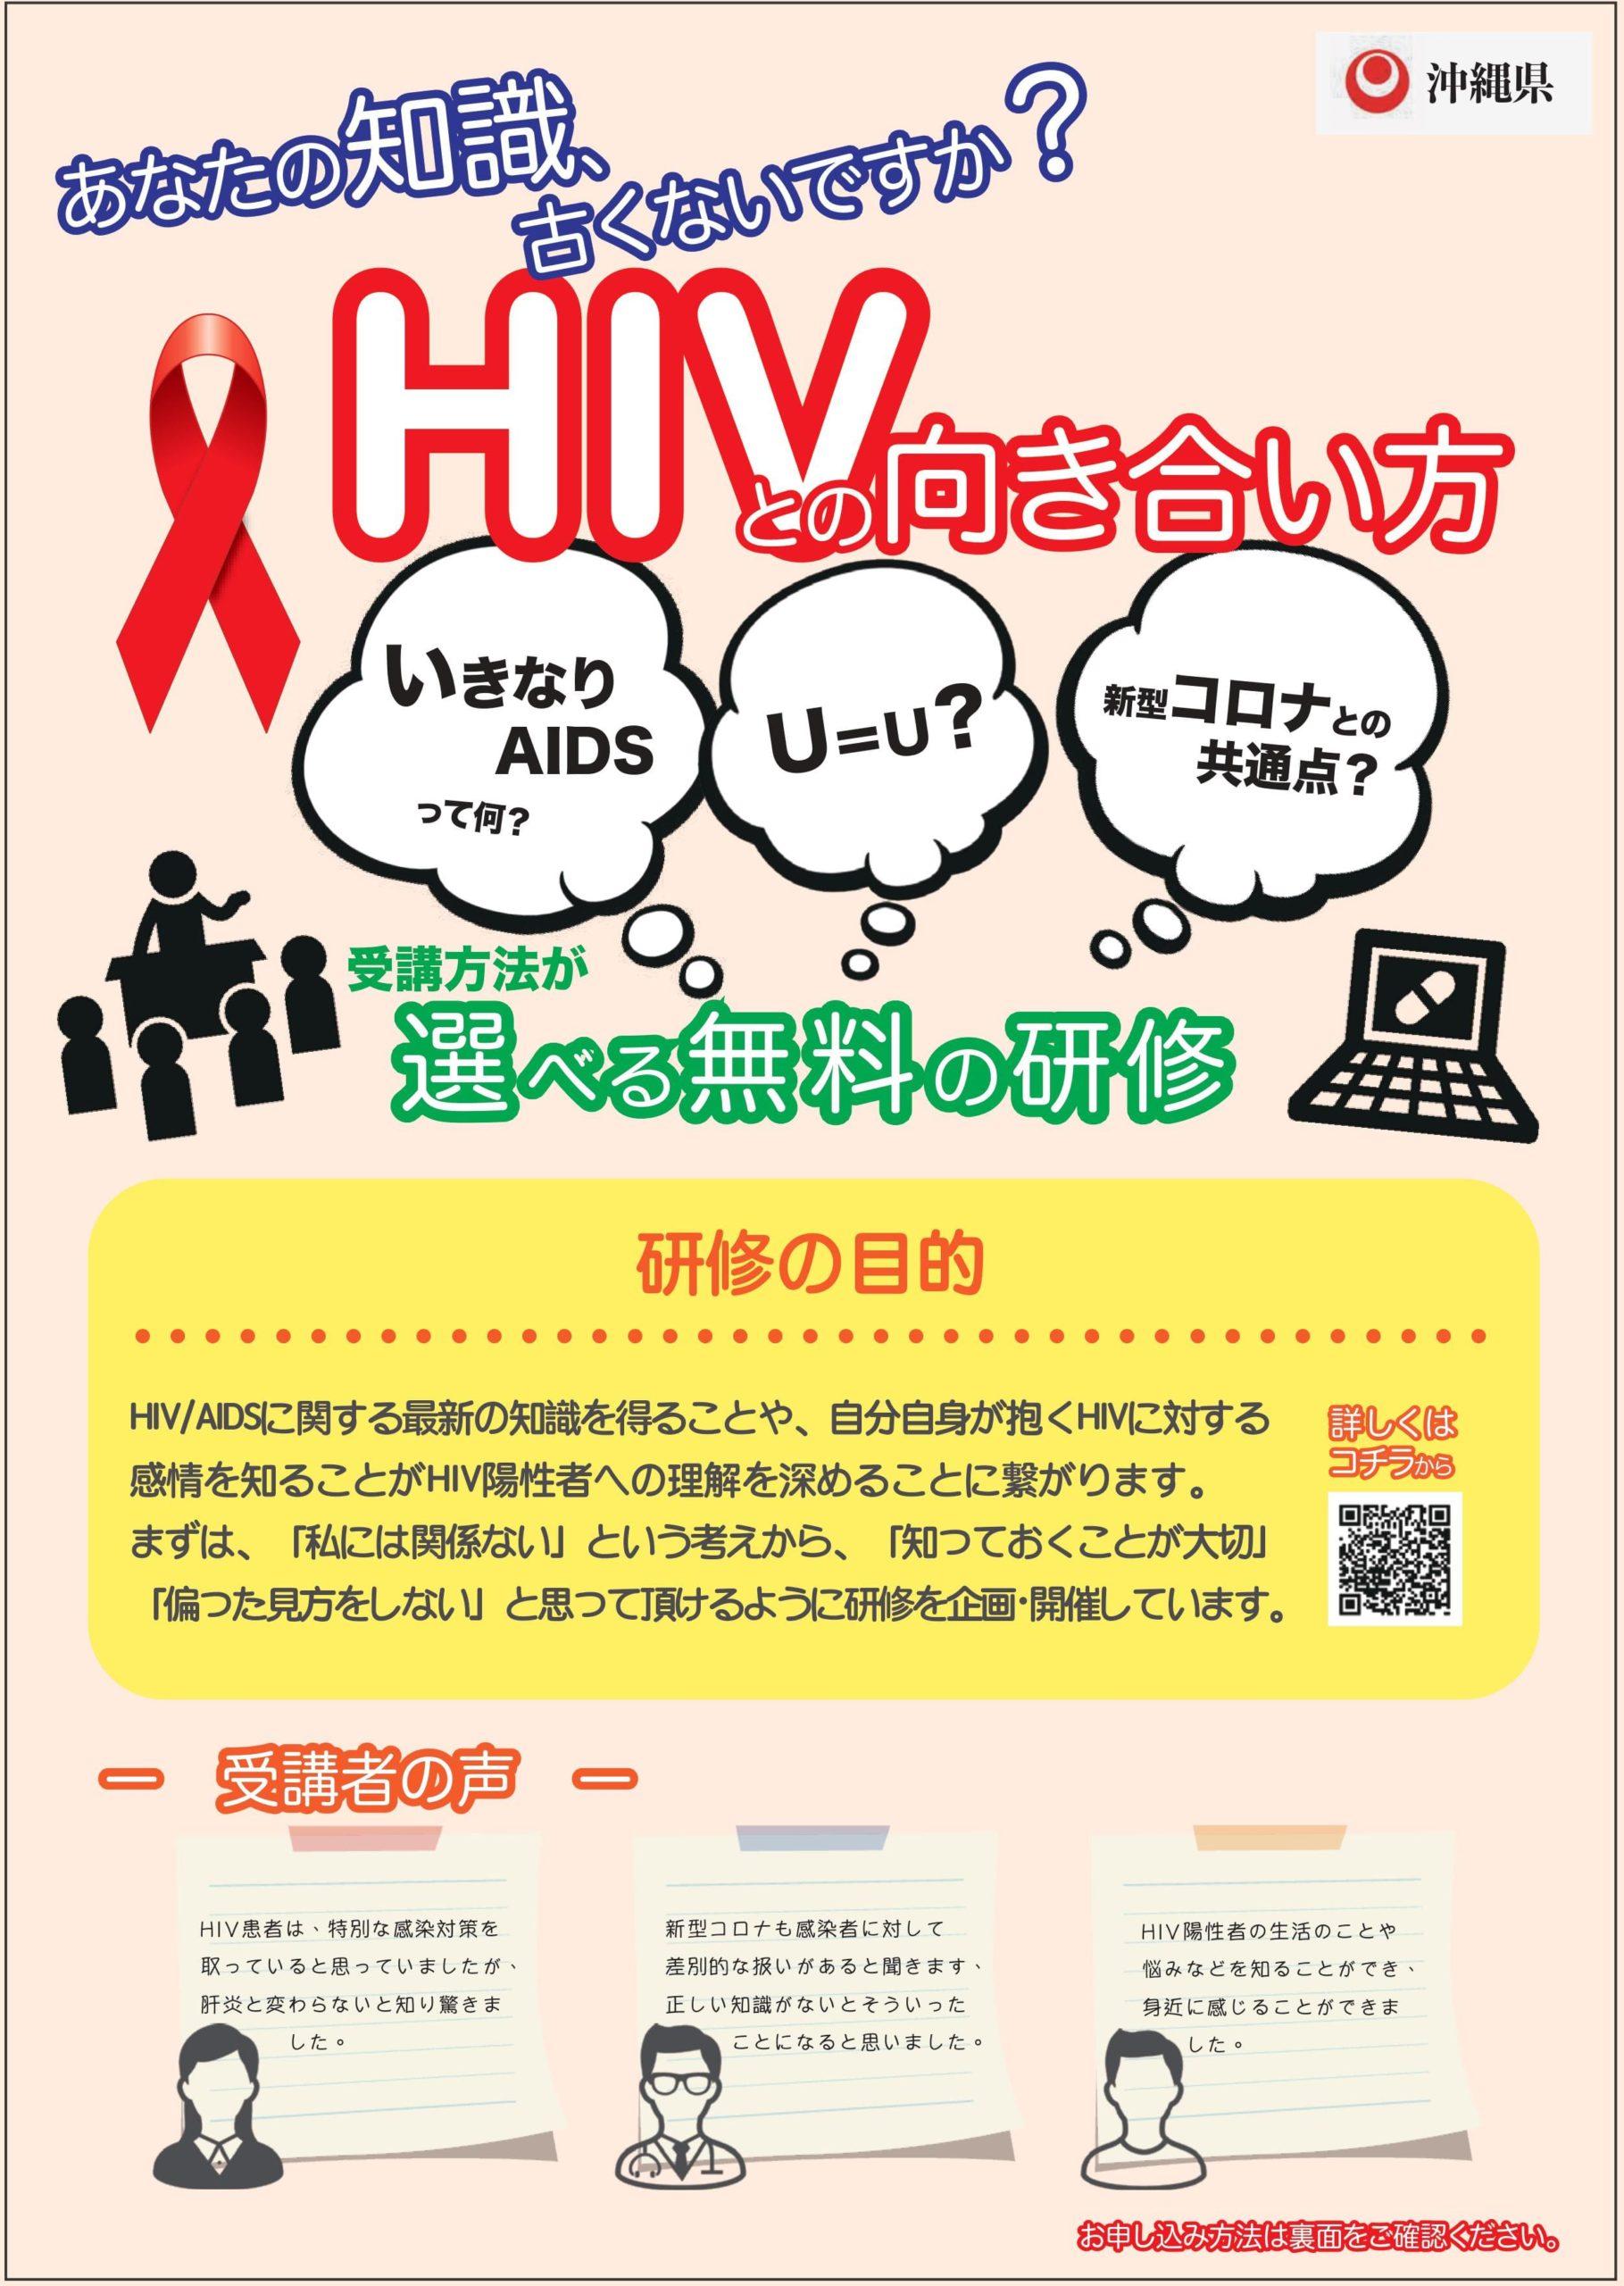 HIVとの向き合い方「選べる無料の研修」